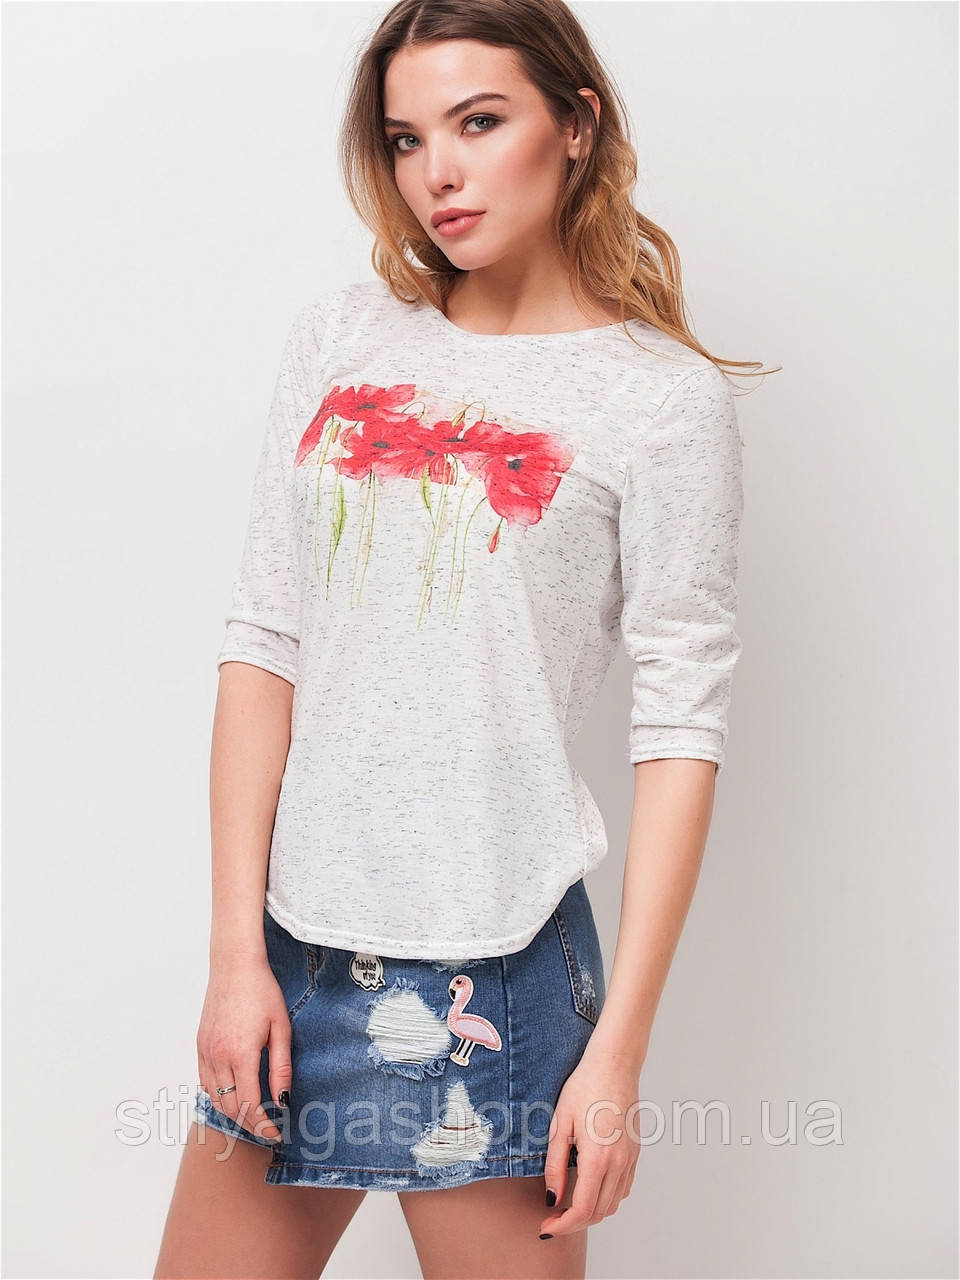 Удобная футболка из вискозы с принтом